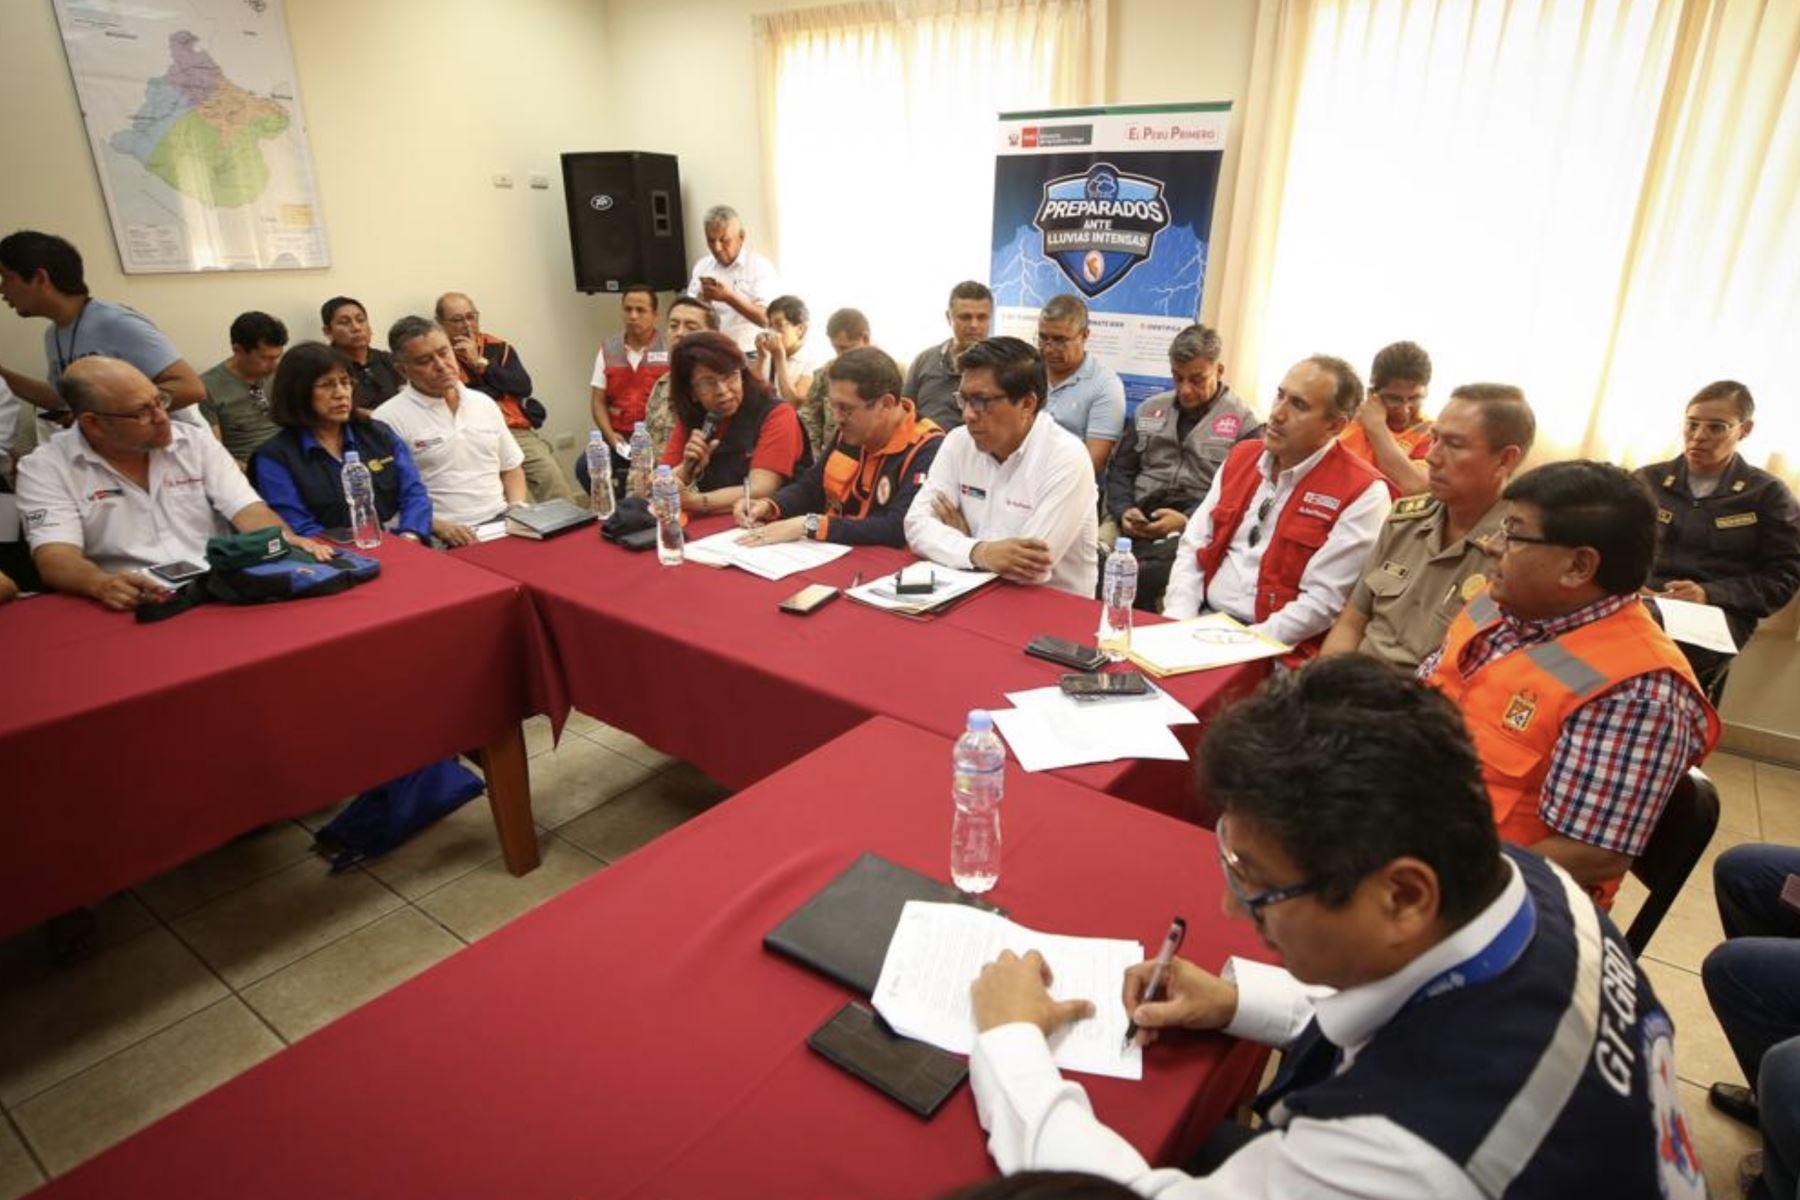 El presidente del Consejo de Ministros, Vicente Zeballo, lidera reunión de trabajo en el COER Tacna con representantes de diversos sectores, que llevan adelante una estrategia de trabajo ante las intensas lluvias y deslizamientos que han afectado a la población de esta región. Foto: PCM